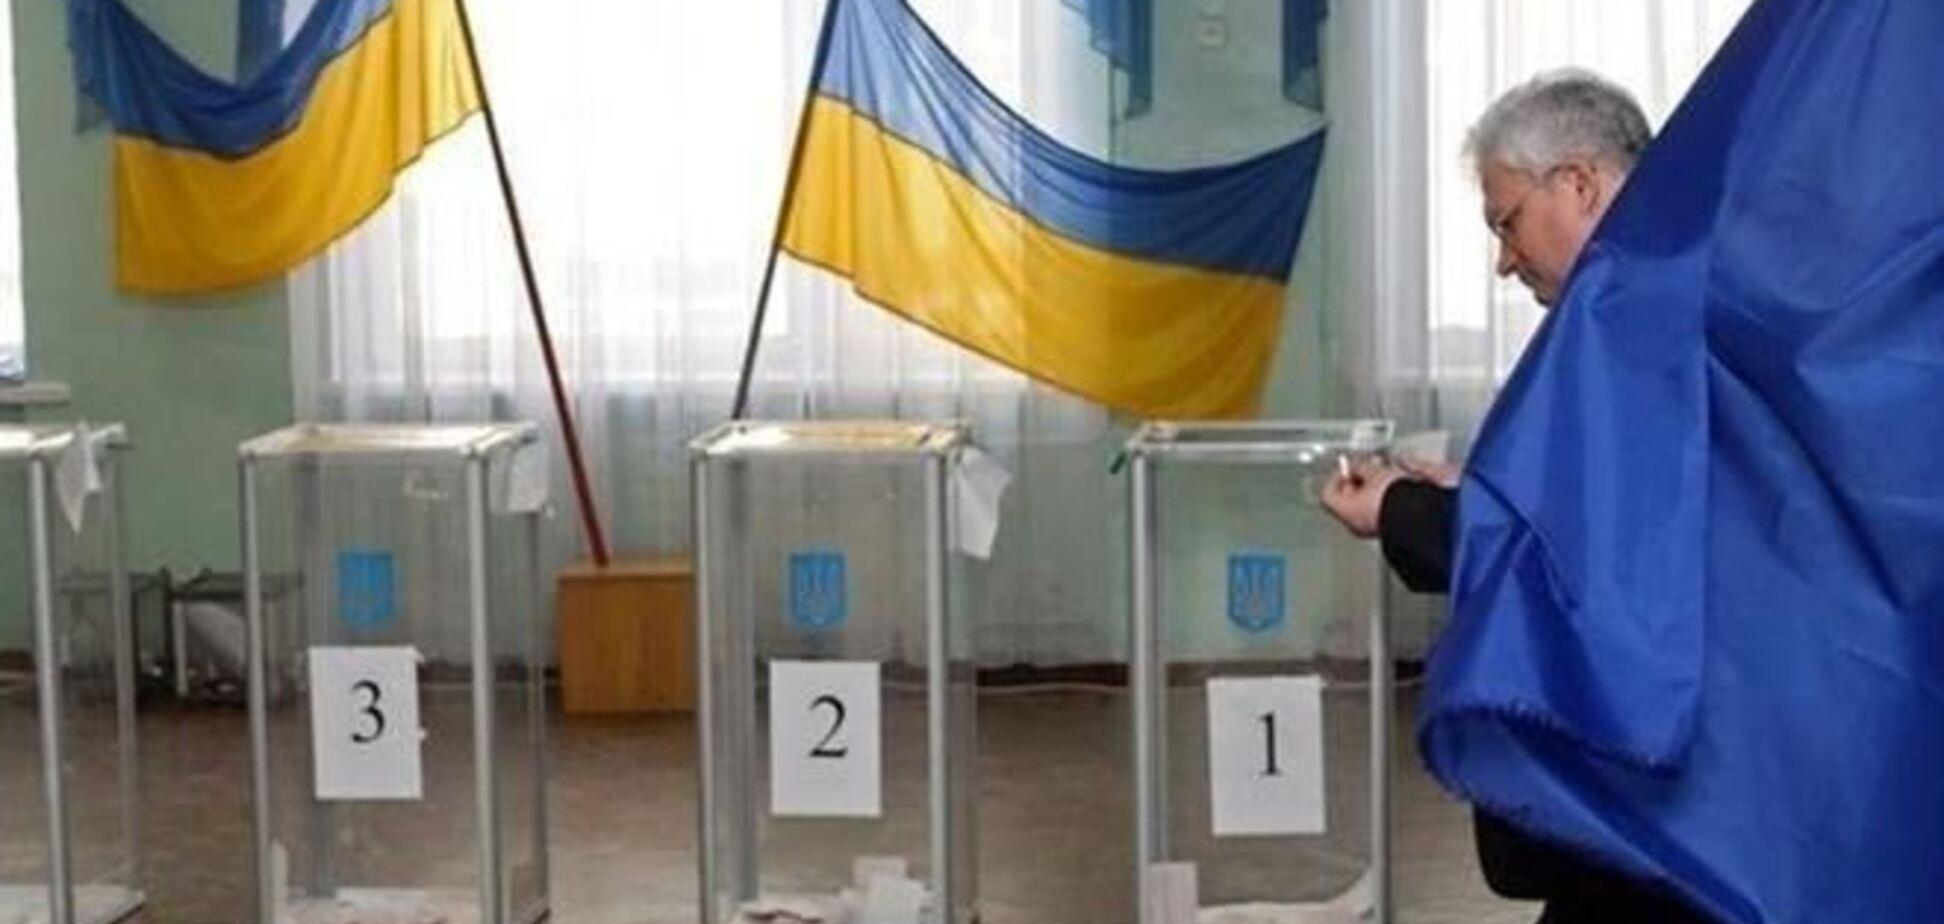 Макеенко и Пилипишин поборются за кресло мэра Киева - СМИ